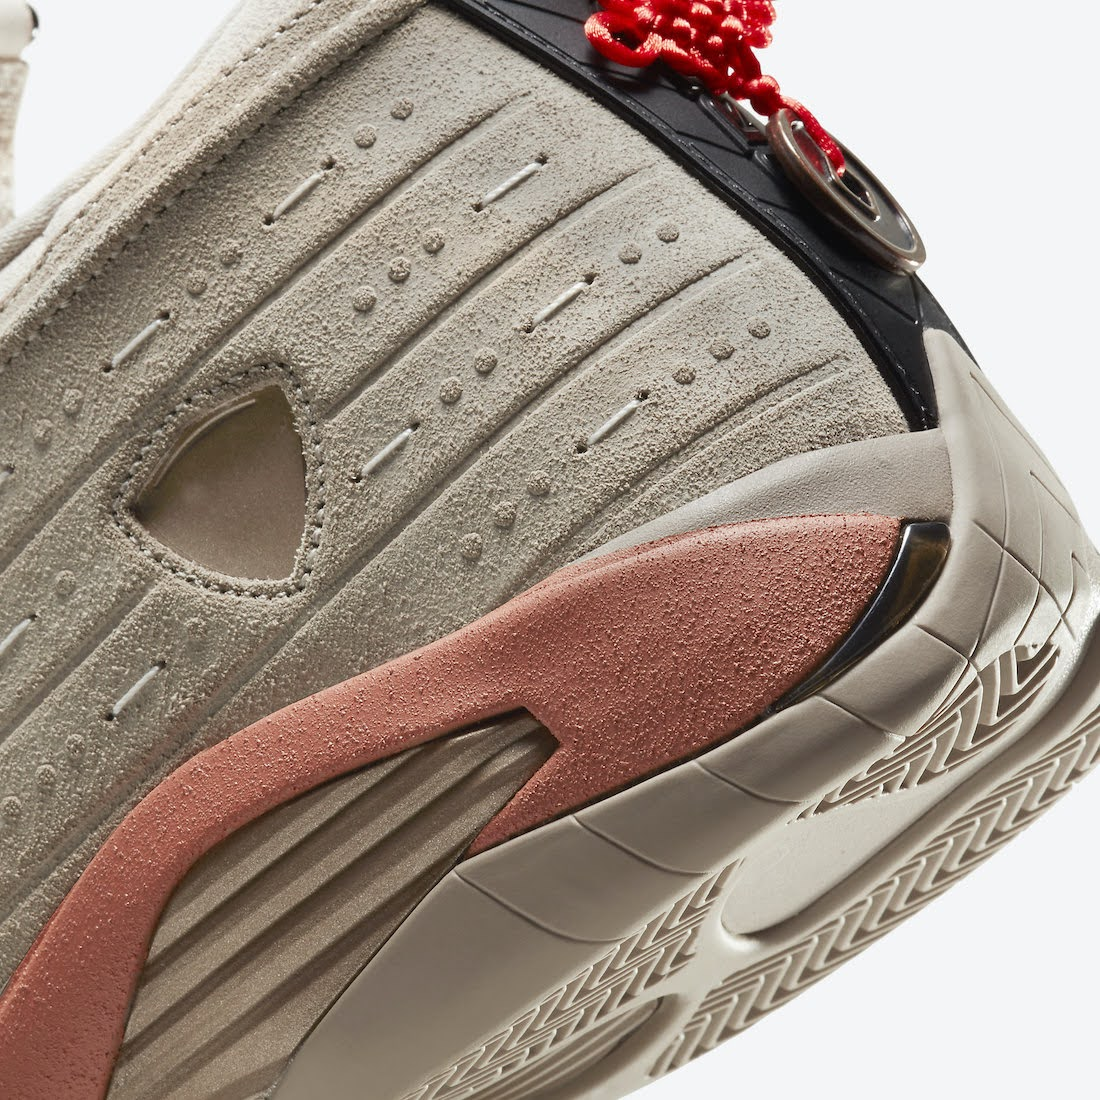 """クロット × ナイキ エア ジョーダン 14 ロー """"テラコッタ"""" clot-x-nike-air-jordan-14-low-terracotta-dc9857-200-side-heel-closeup"""